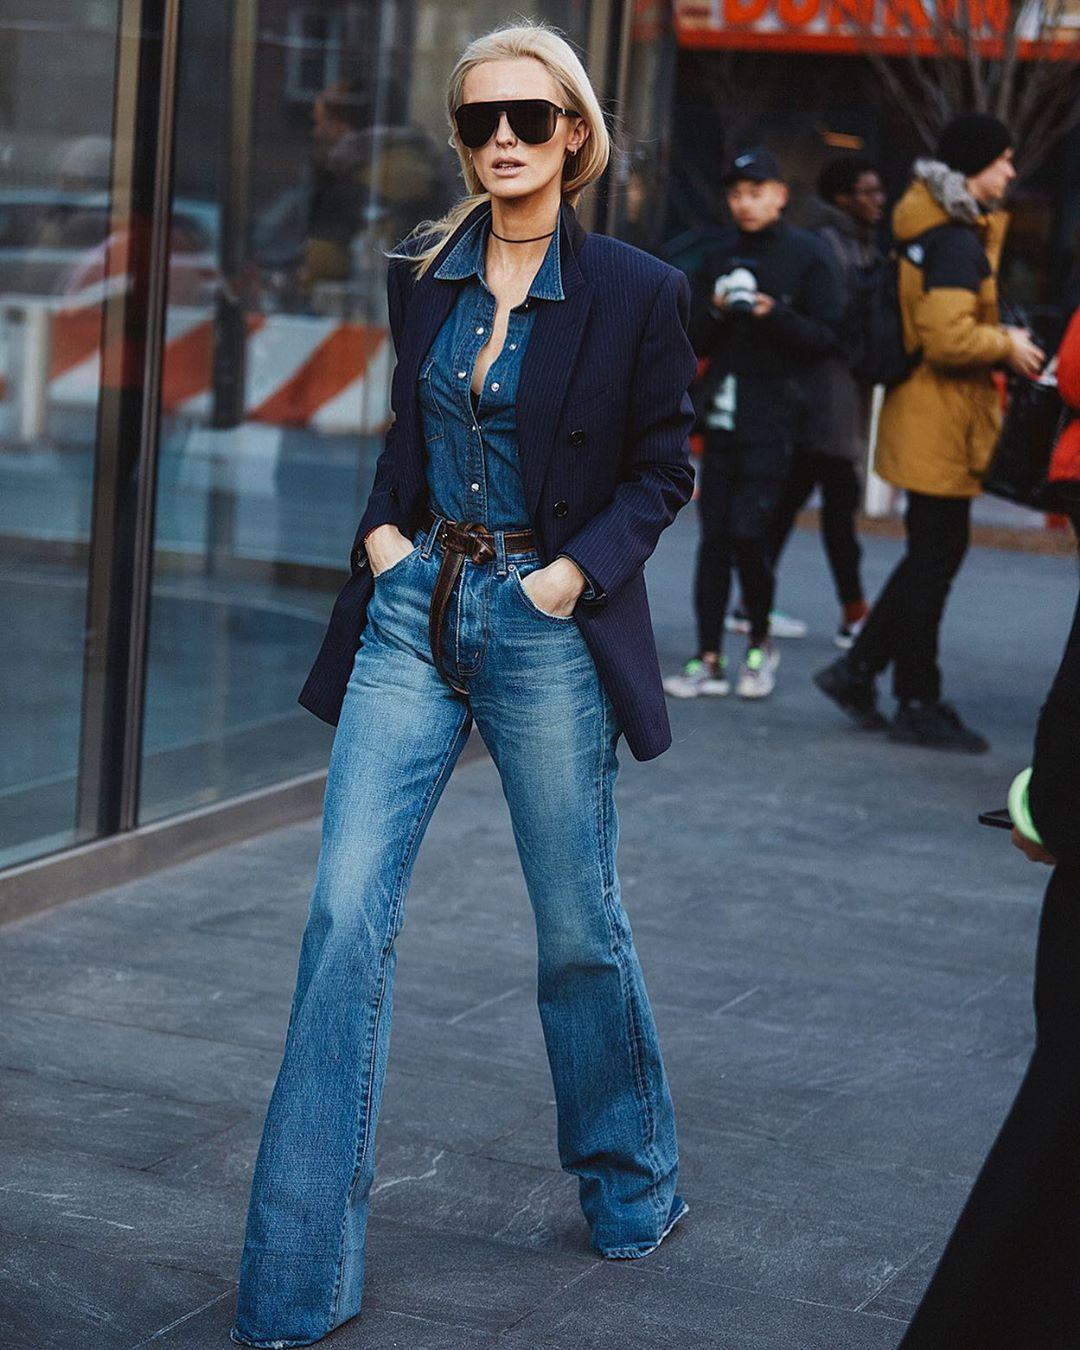 Cô gái mặc quần jeans ống loe, áo jeans và áo khoác blazer